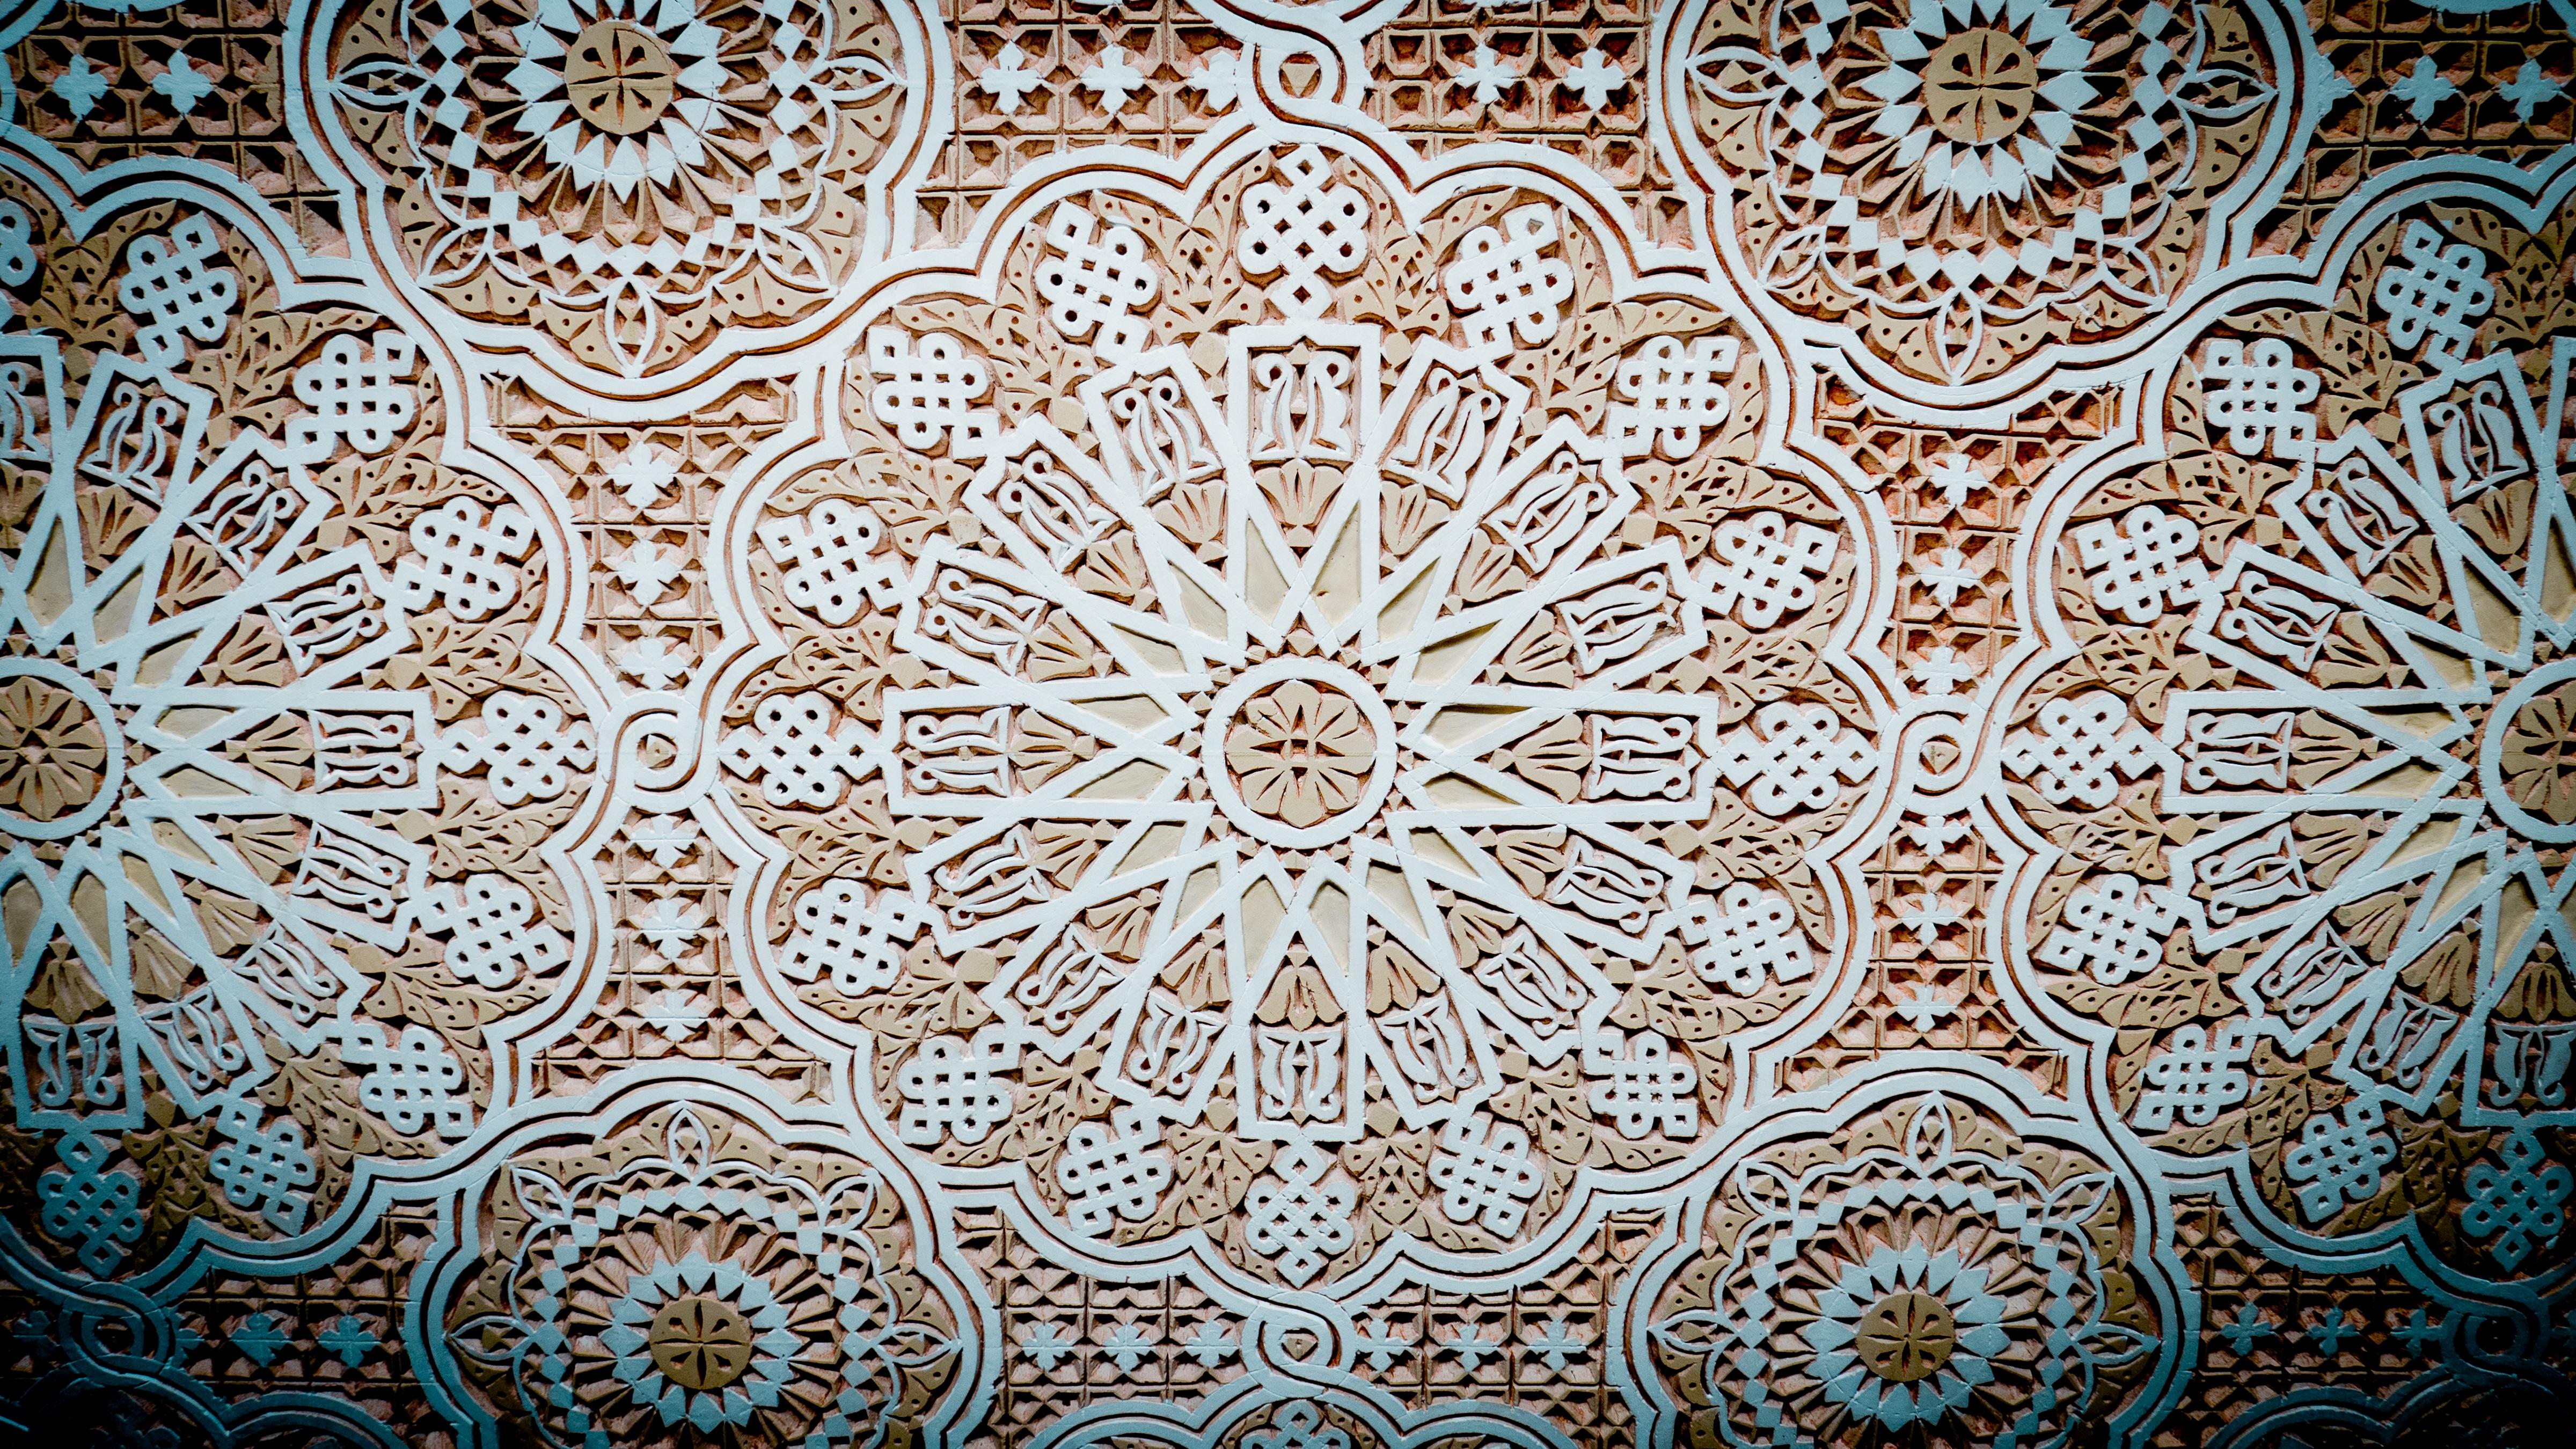 исламская вязь мозаика узоры картинки на рабочий стол